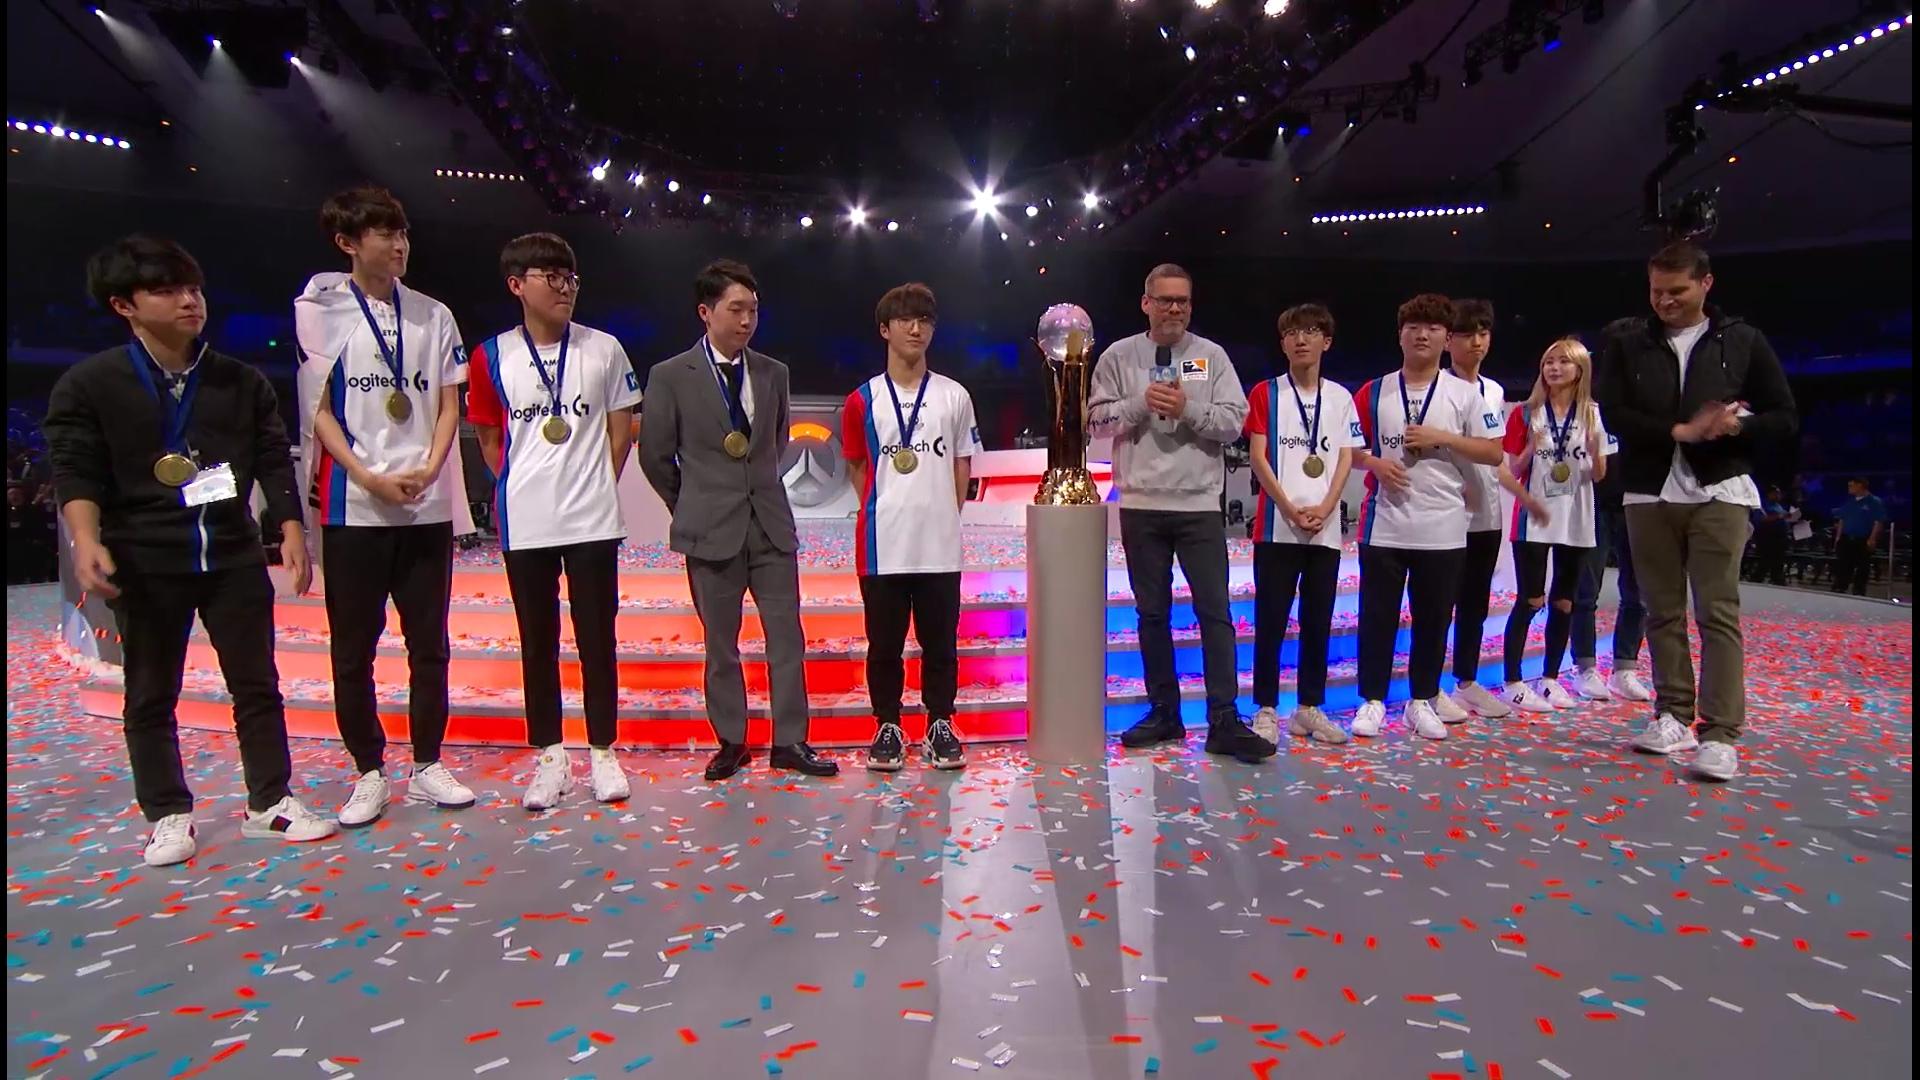 Coréia do Sul campeã da Copa do Mundo de 2018.